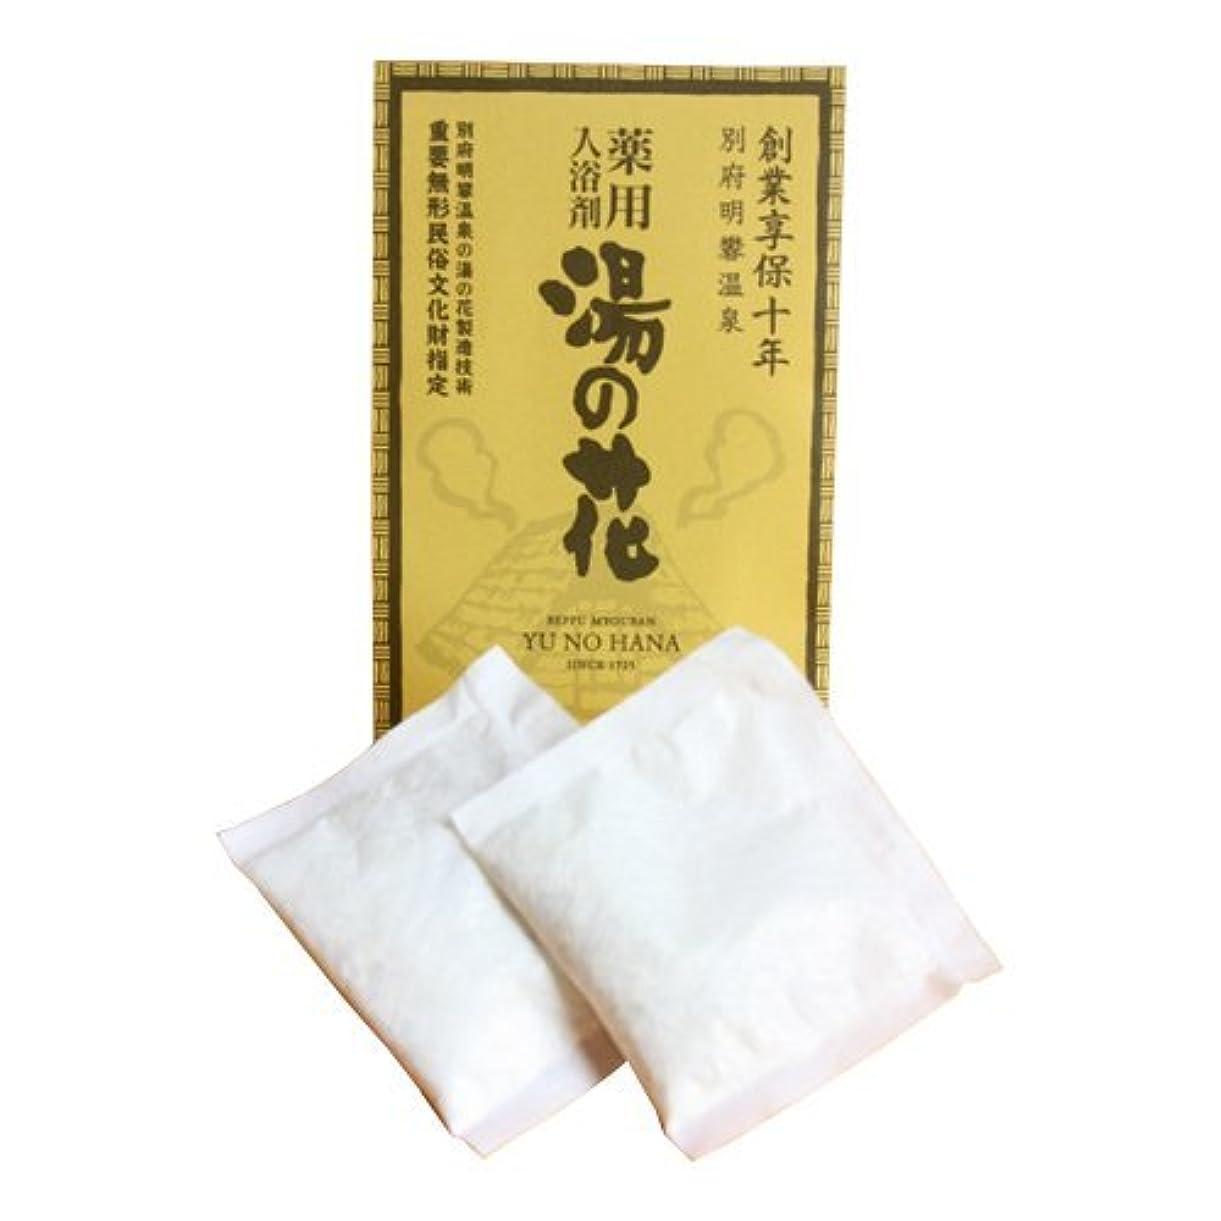 チロホイットニースリッパ明礬(みょうばん)温泉 薬用湯の花 2回分